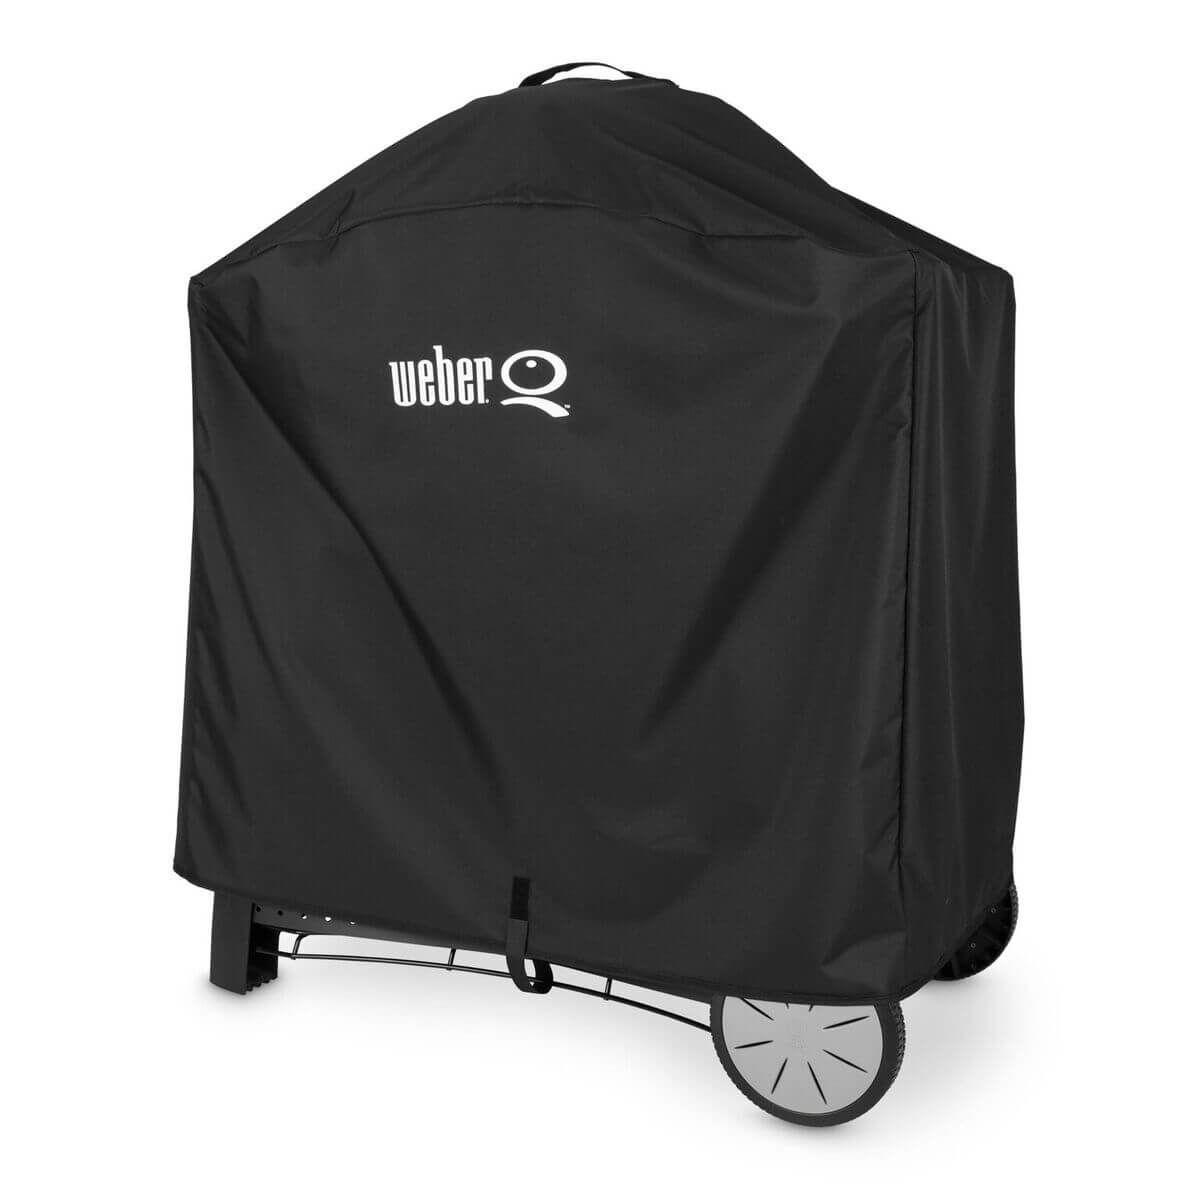 Image of Weber Abdeckhaube Premium für Q300-/3000 u. Q200-/2000-Serie Zubehör